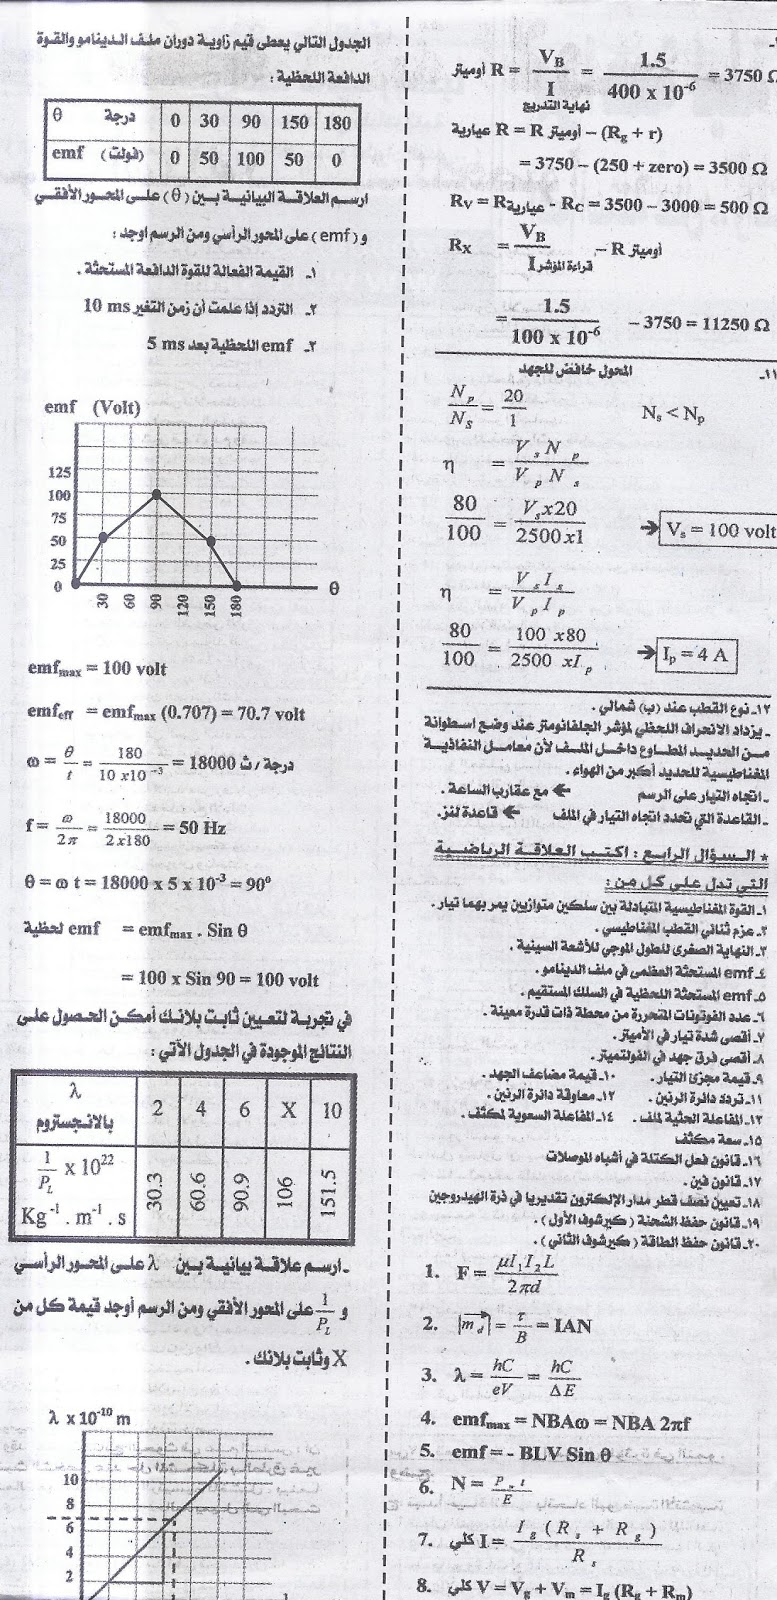 """مراجعة فيزياء .. اهم اسئلة علل واهم المسائل والرسومات البيانية للثانوية العامة """"عربي ولغات"""" 6"""